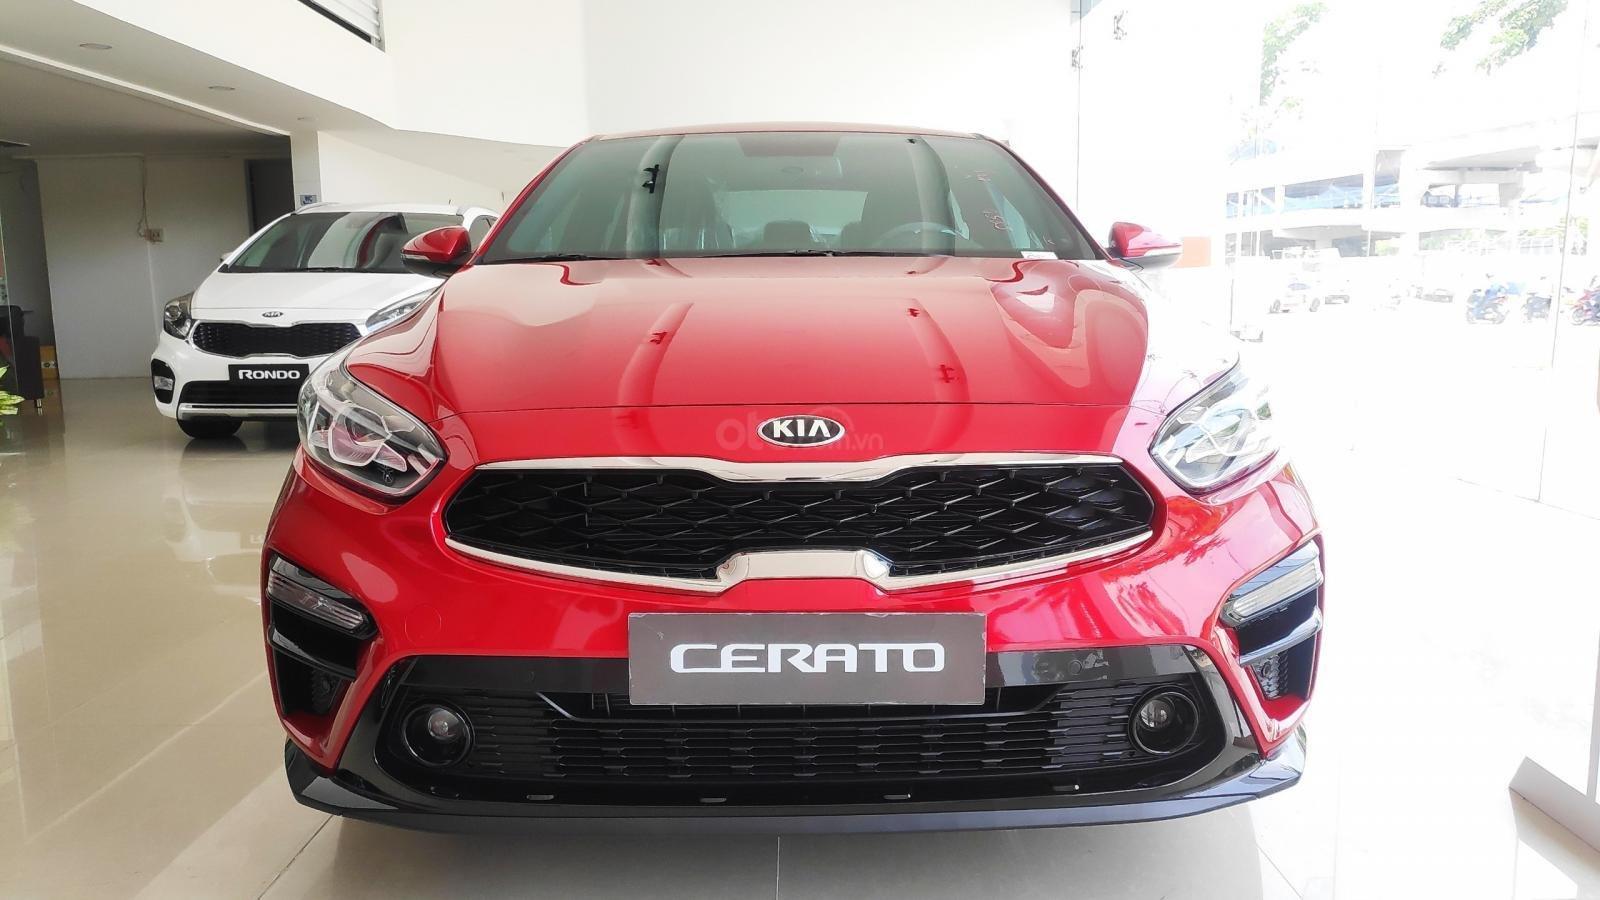 Kia Cerato Premium đặc biệt - giảm giá tiền mặt + tặng bảo hiểm xe + phụ kiện - liên hệ PKD Kia Thảo Điền 0961.563.593 (1)